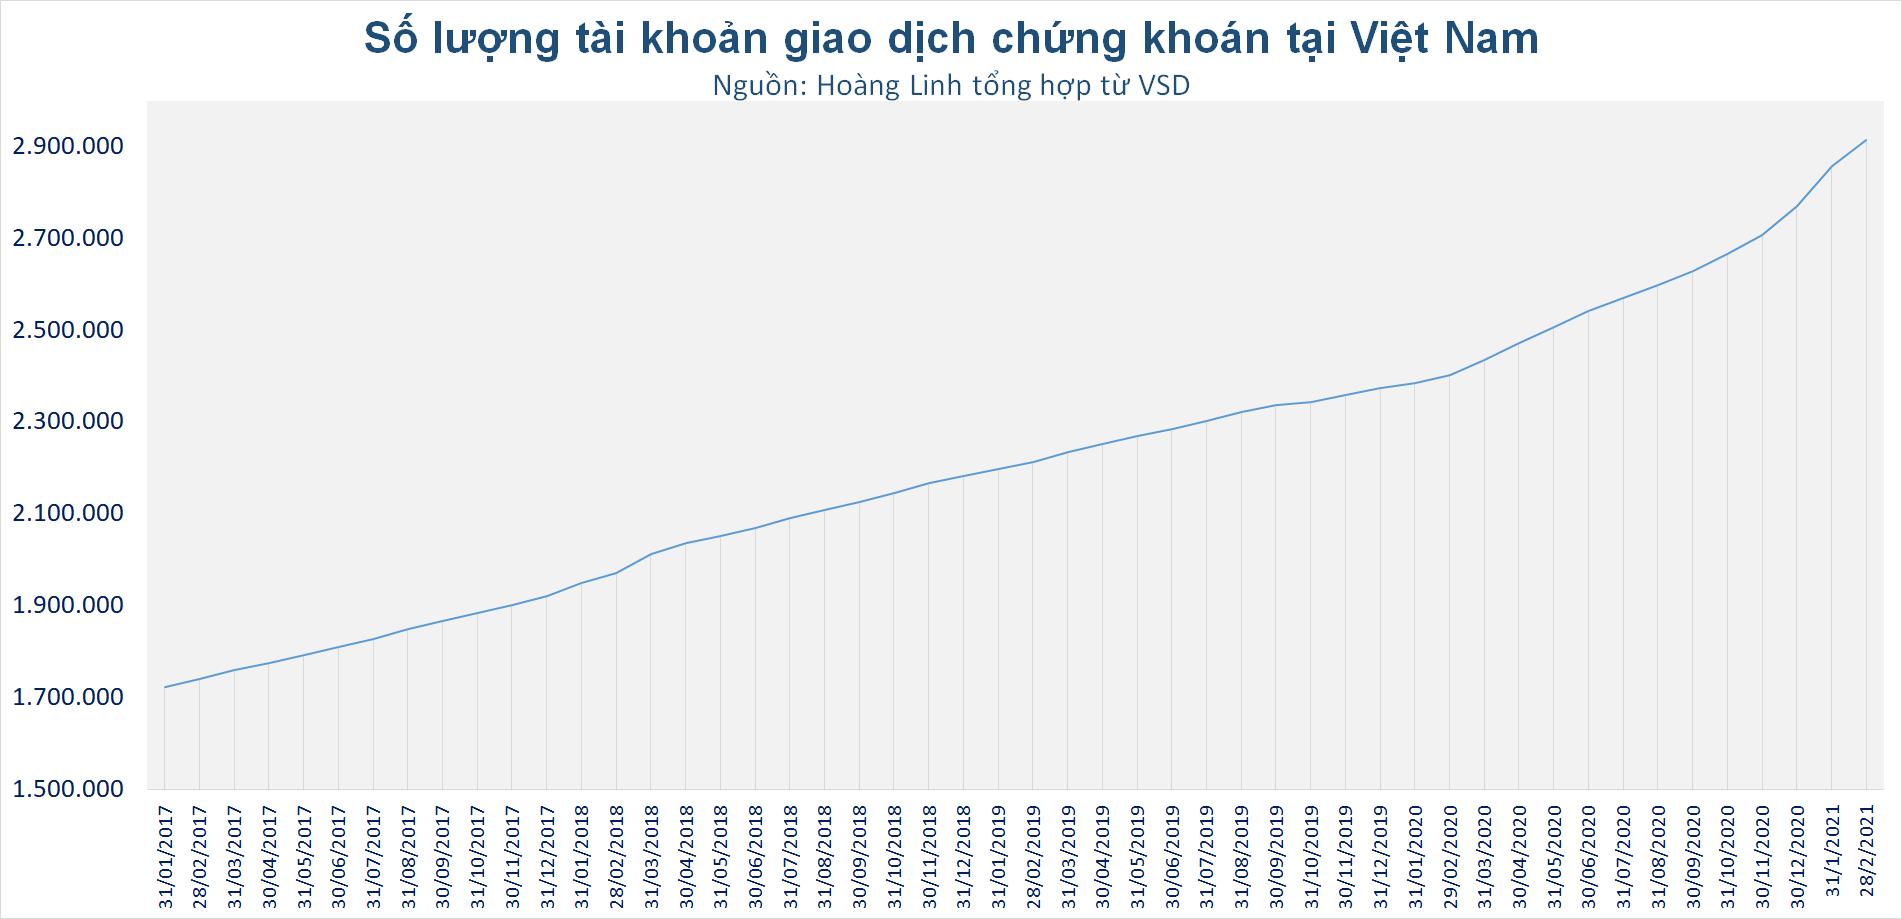 511.746 tài khoản chứng khoán mở mới kể từ khi TTCK Việt Nam tạo đáy vào tháng 3/2020 - Ảnh 2.